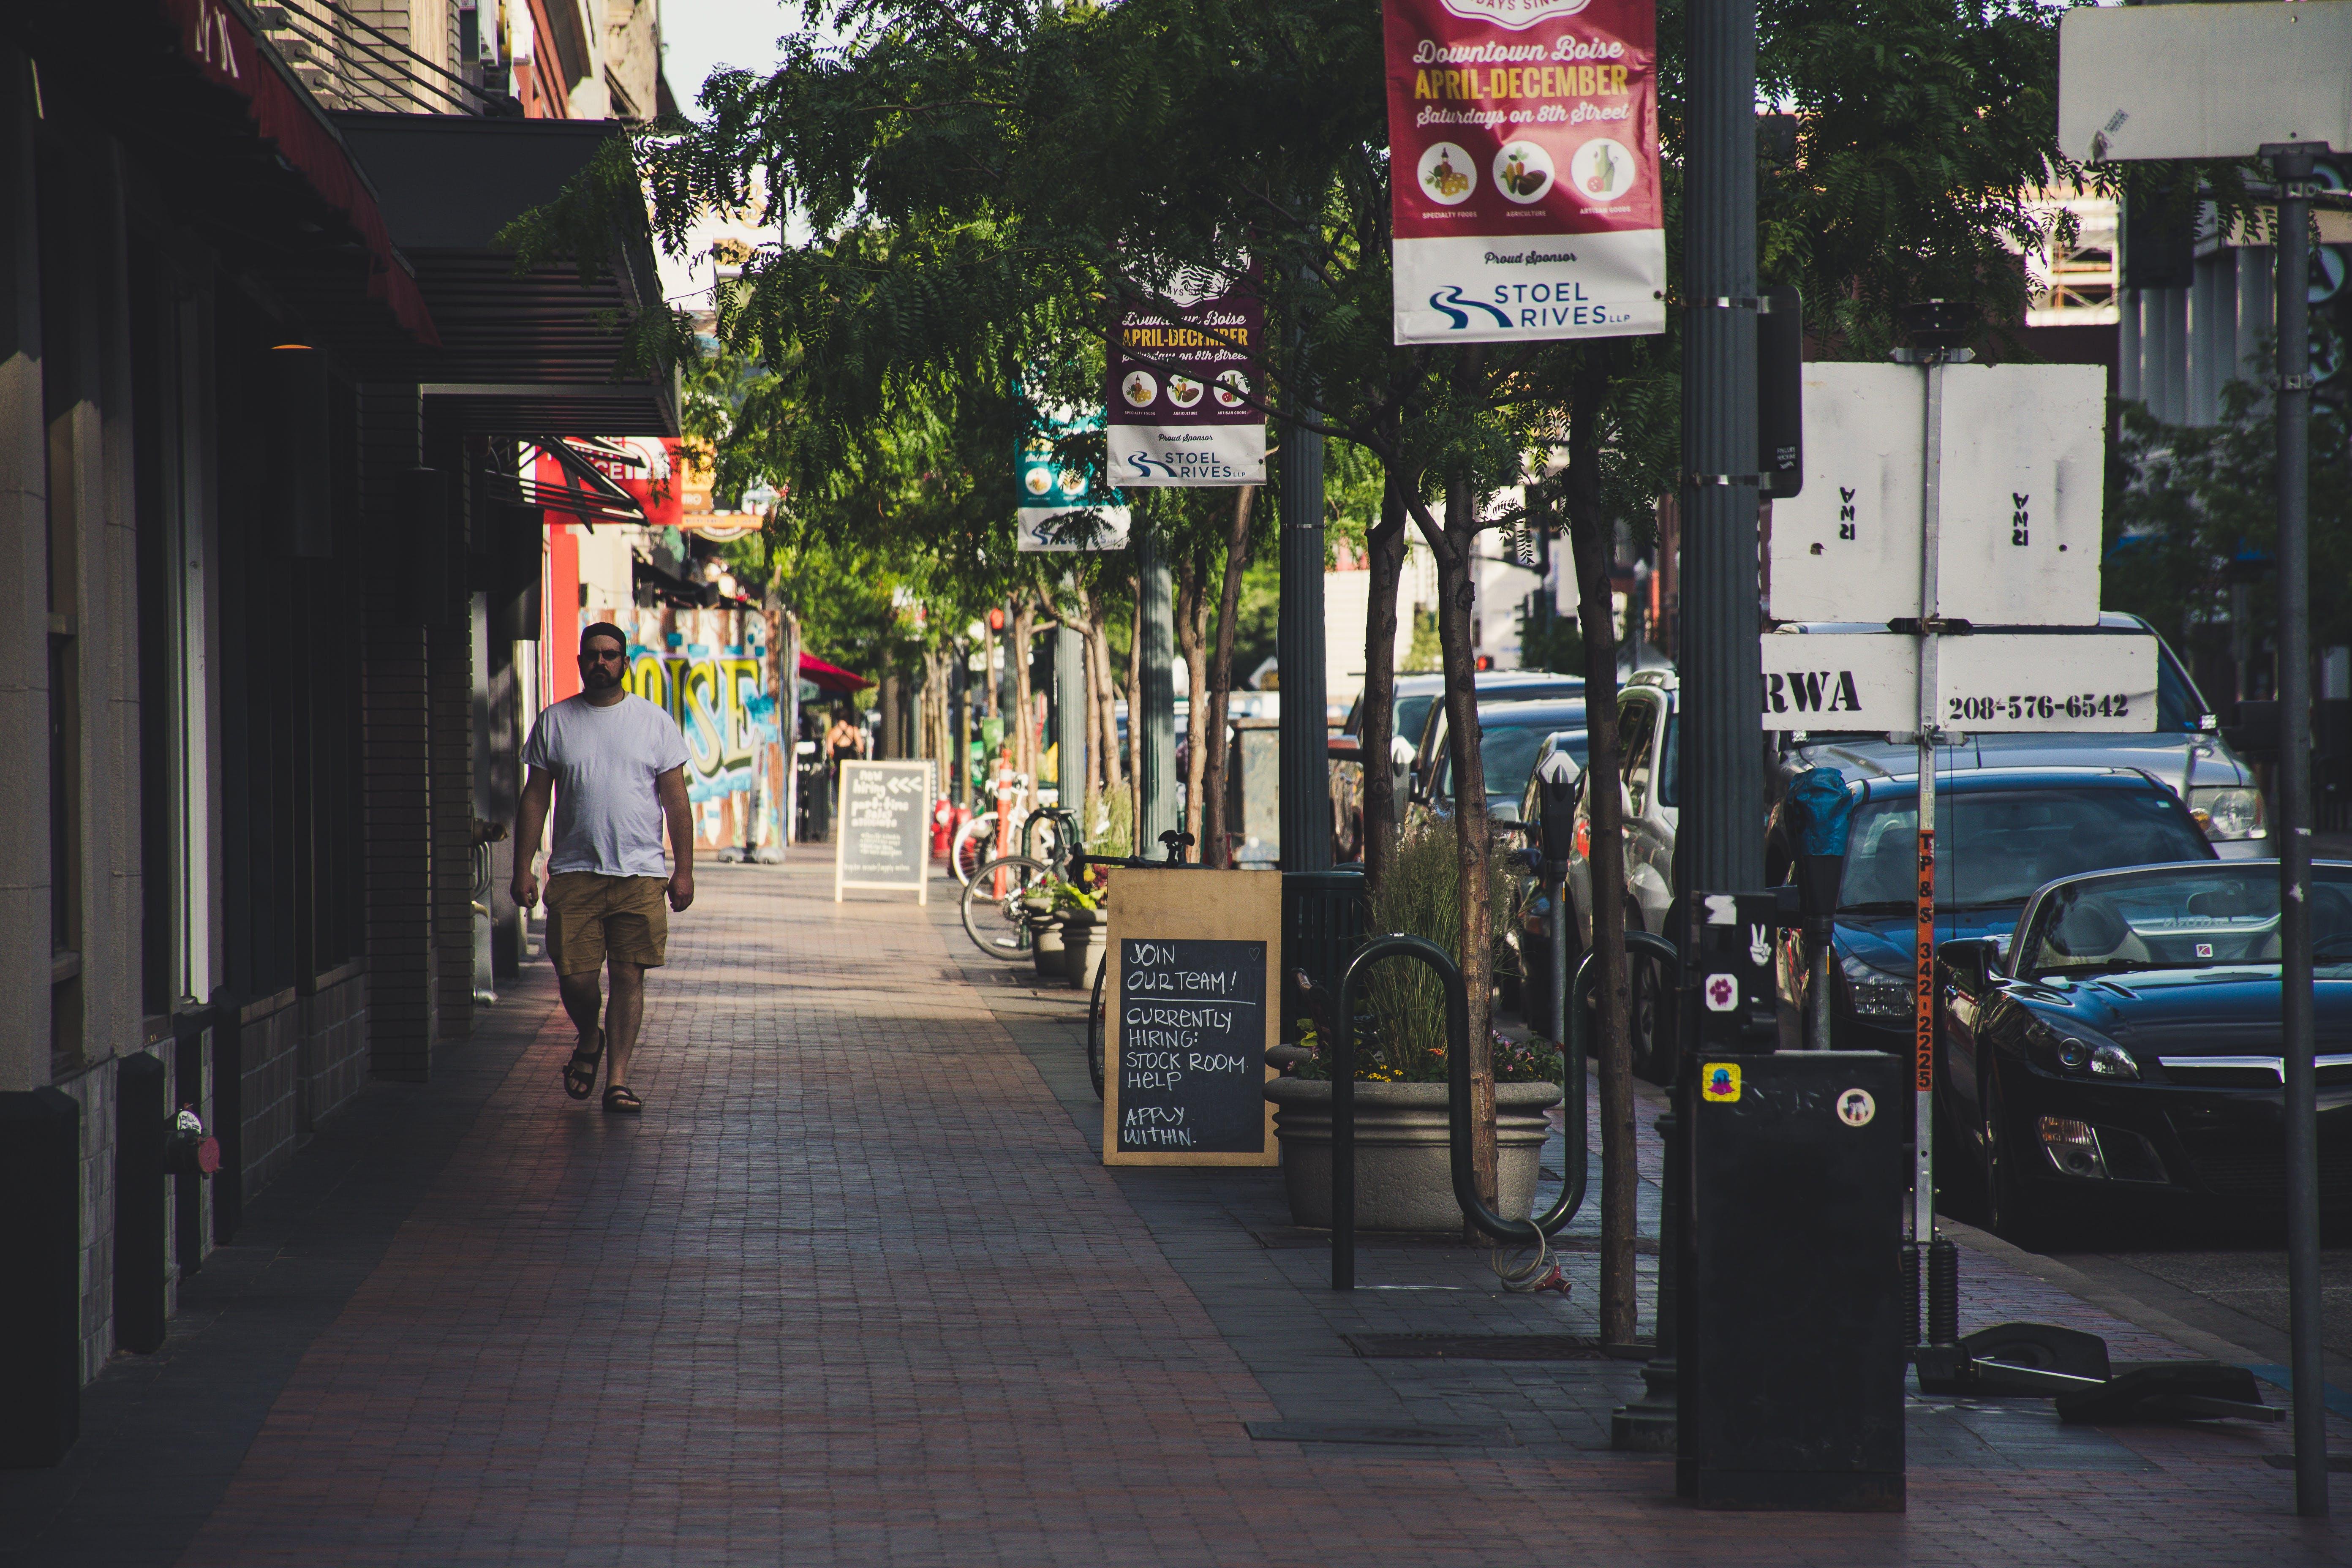 Man Wearing White Crew-neck T-shirt Walking On Sidewalk